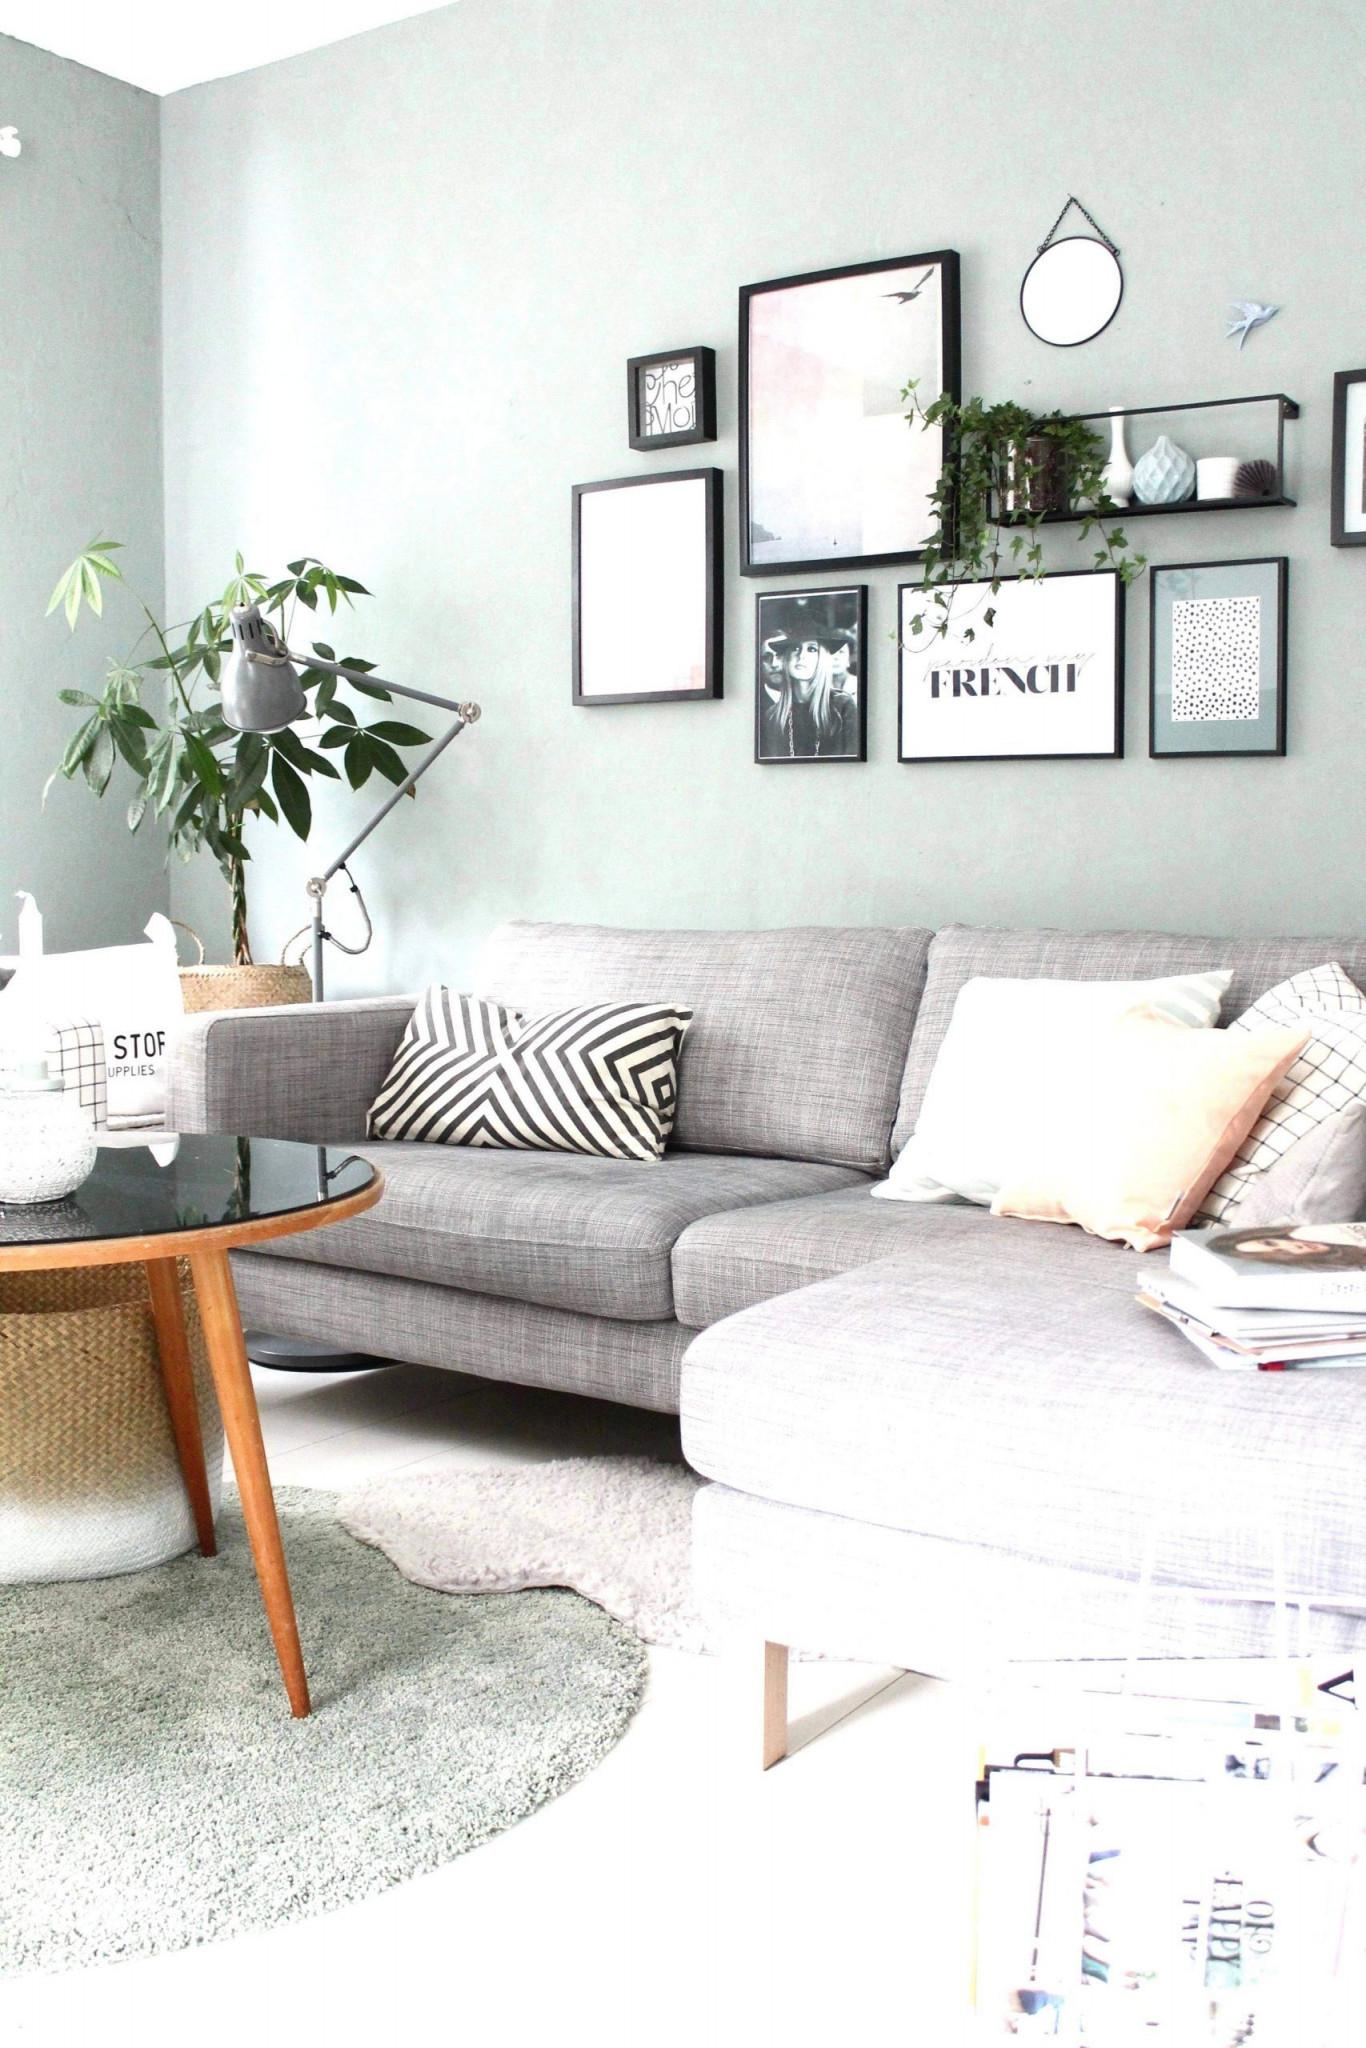 15 Außergewöhnliches Design Wandregal Wohnzimmer Design von Wandregal Wohnzimmer Ideen Photo